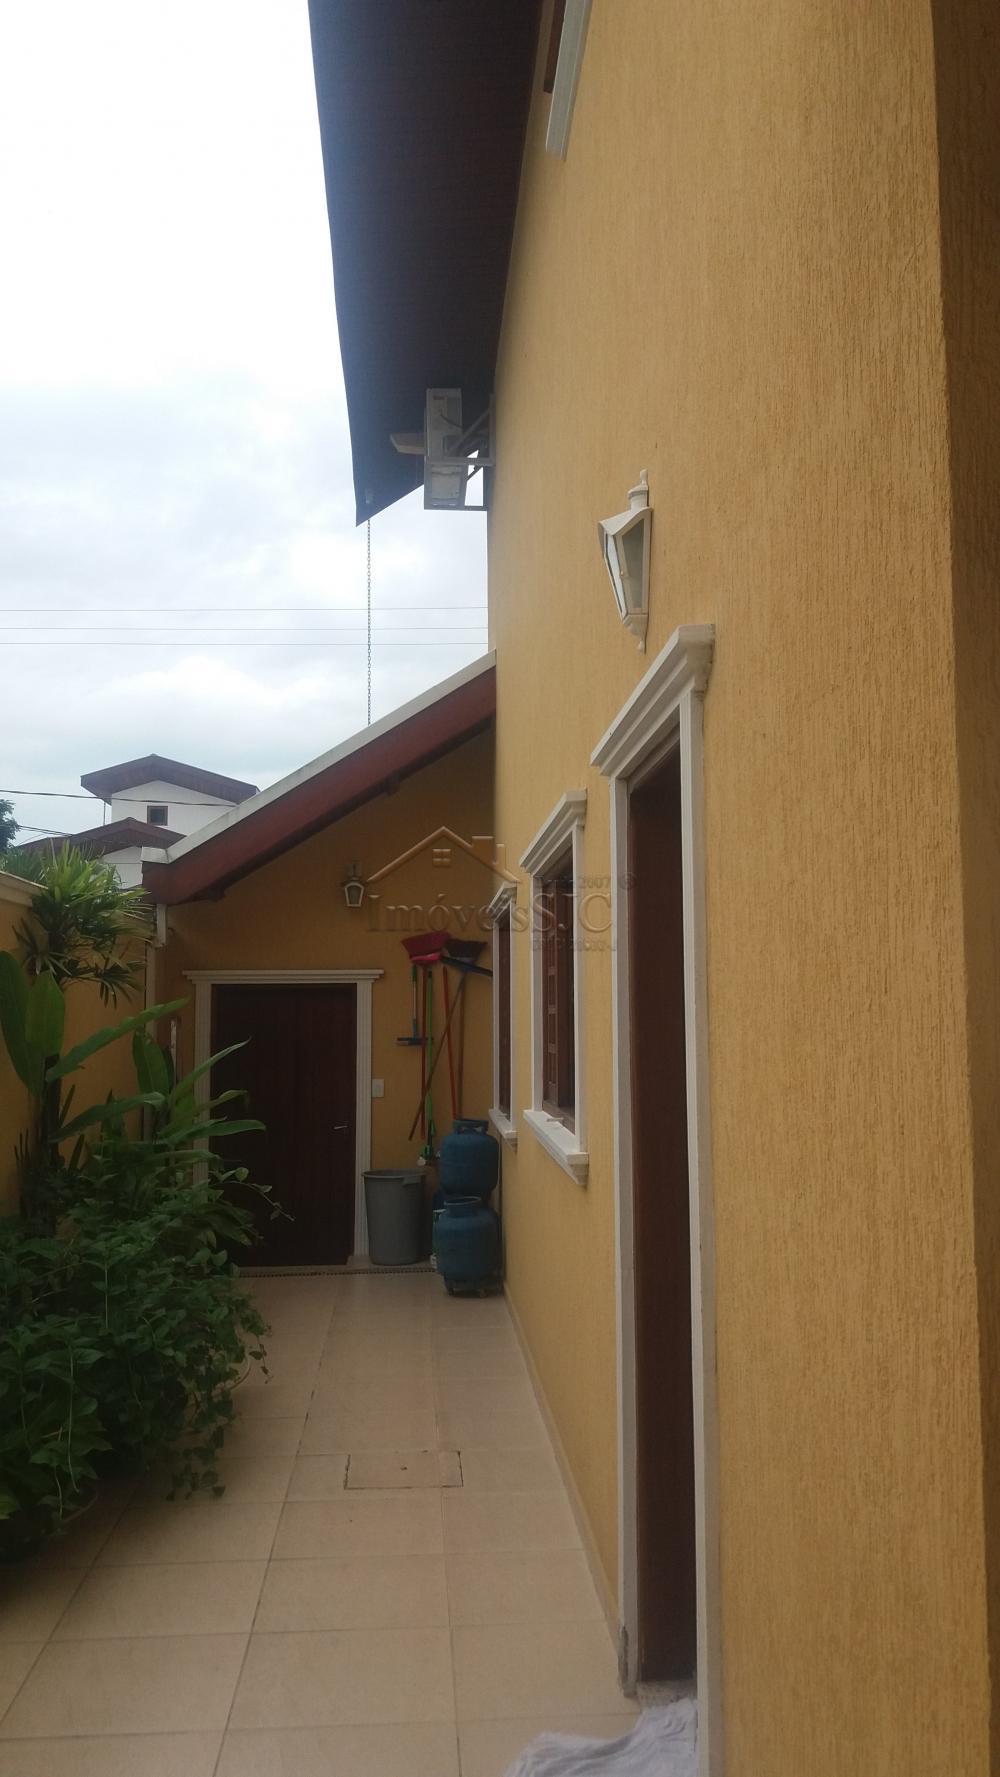 Alugar Casas / Condomínio em São José dos Campos apenas R$ 5.500,00 - Foto 15